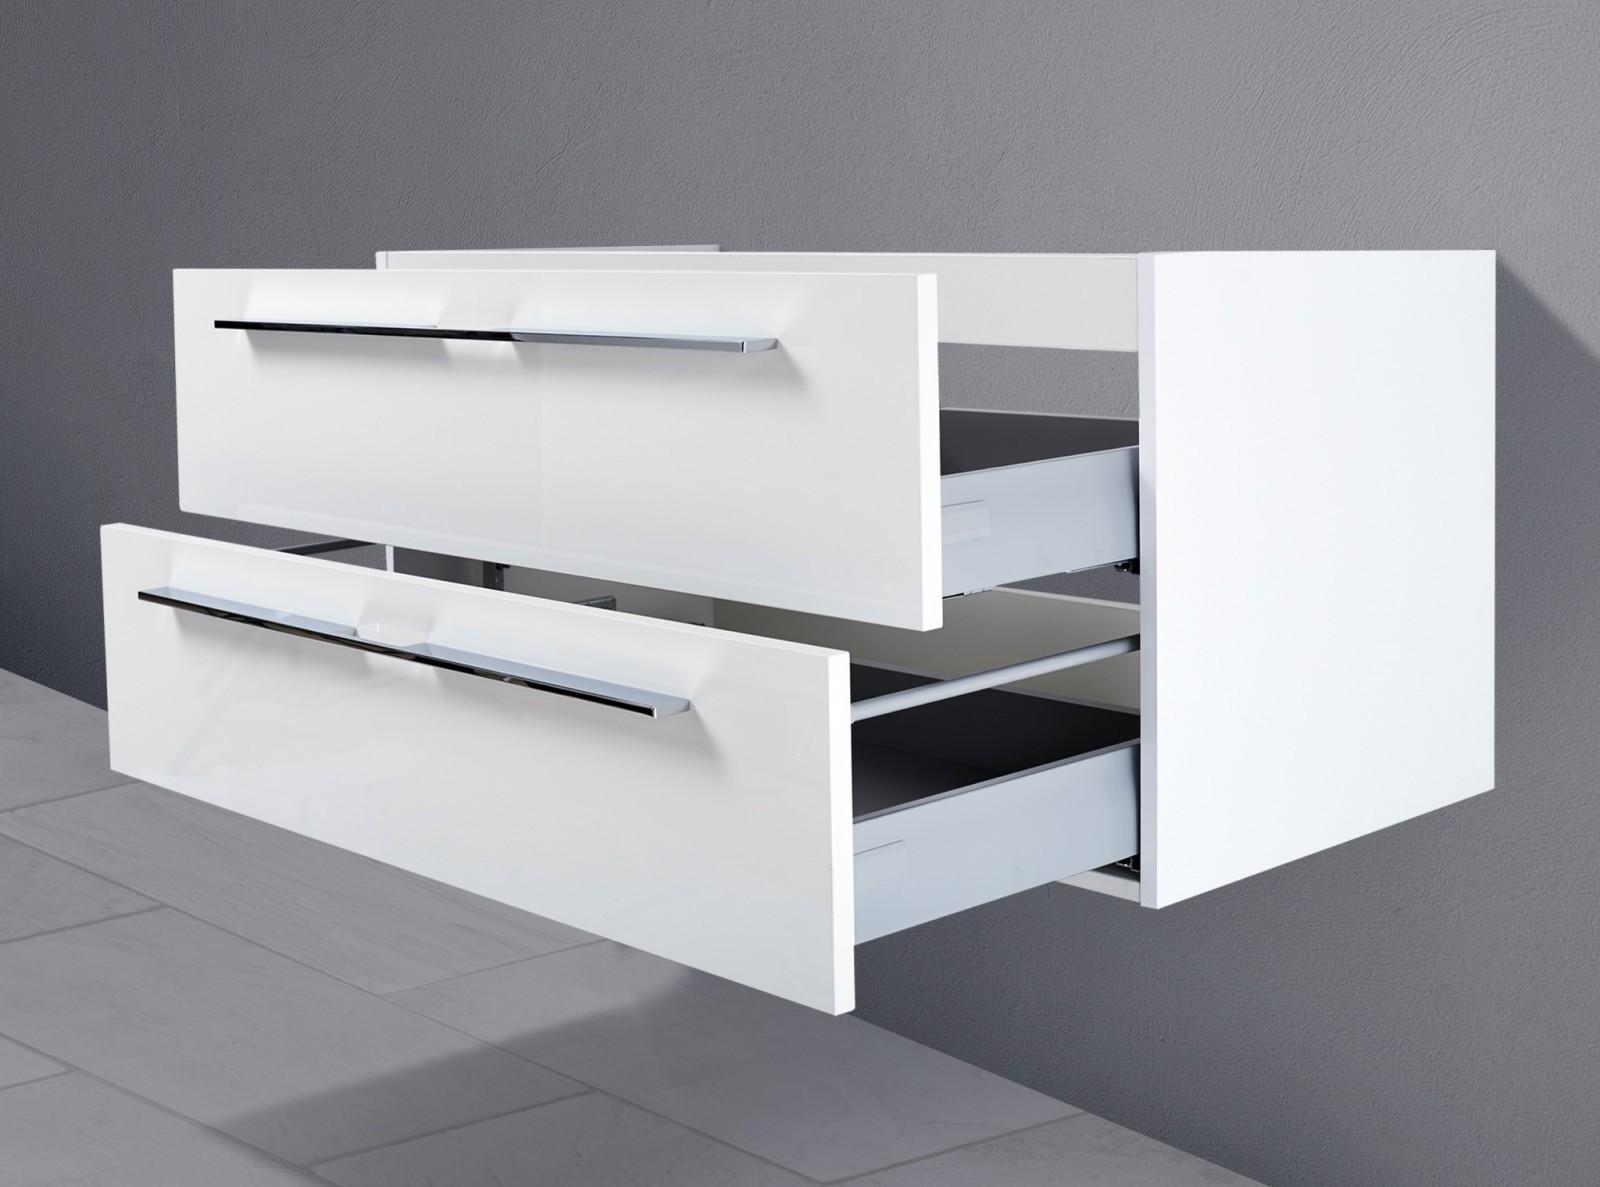 download badezimmer unterschrank 60 cm breit | vitaplaza, Badezimmer ideen